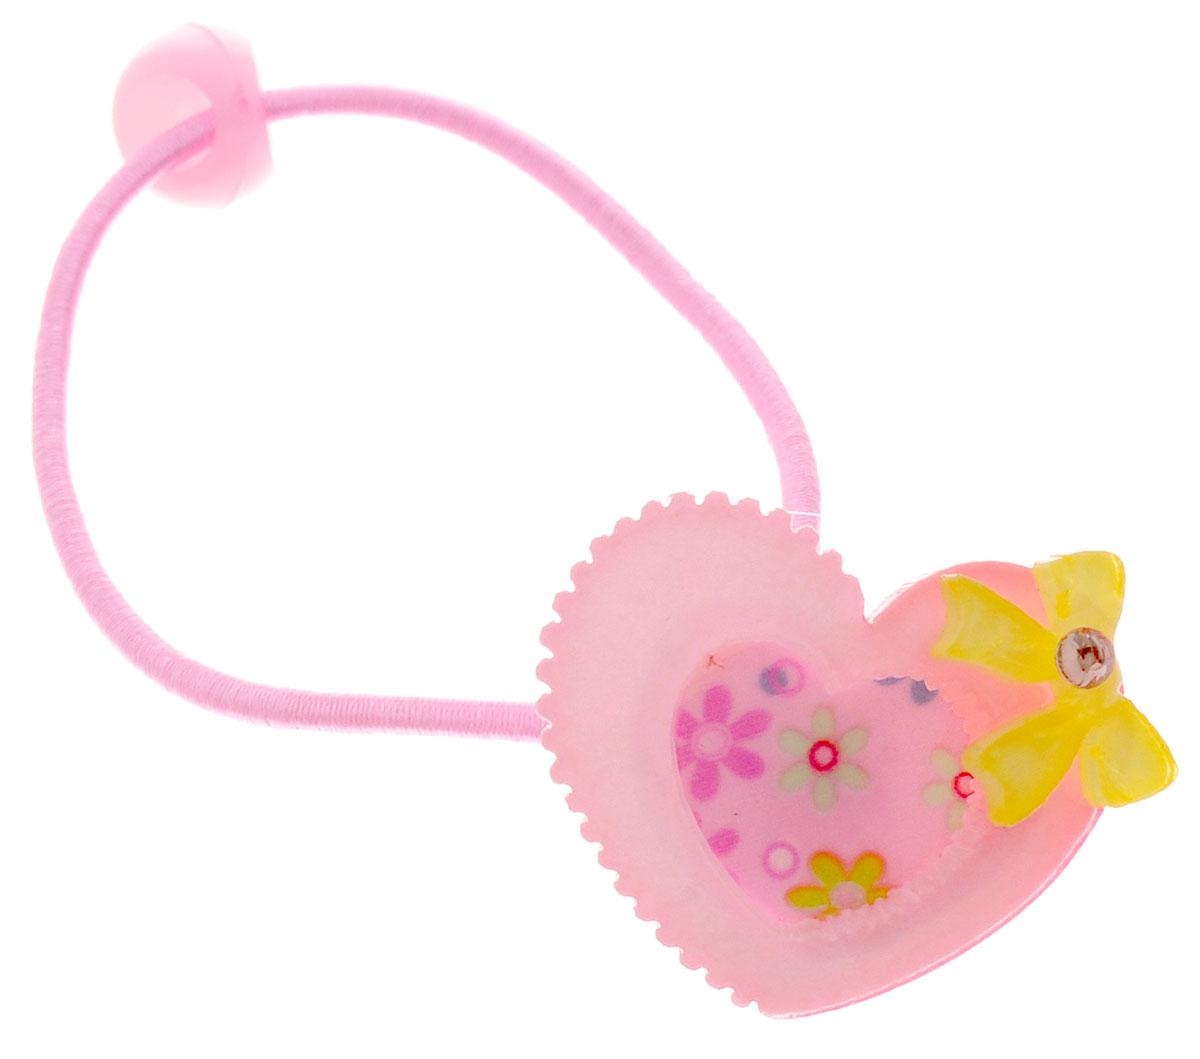 Fashion House Резинка для волос Сердечко 2 штSatin Hair 7 BR730MNРезинка для волос Fashion House Сердечко позволит украсить прическу вашей малышки и доставит ей много удовольствия. Резинка украшена декоративным элементом в виде розовых сердечек и желтых бантиков.Комплект включает две резинки.